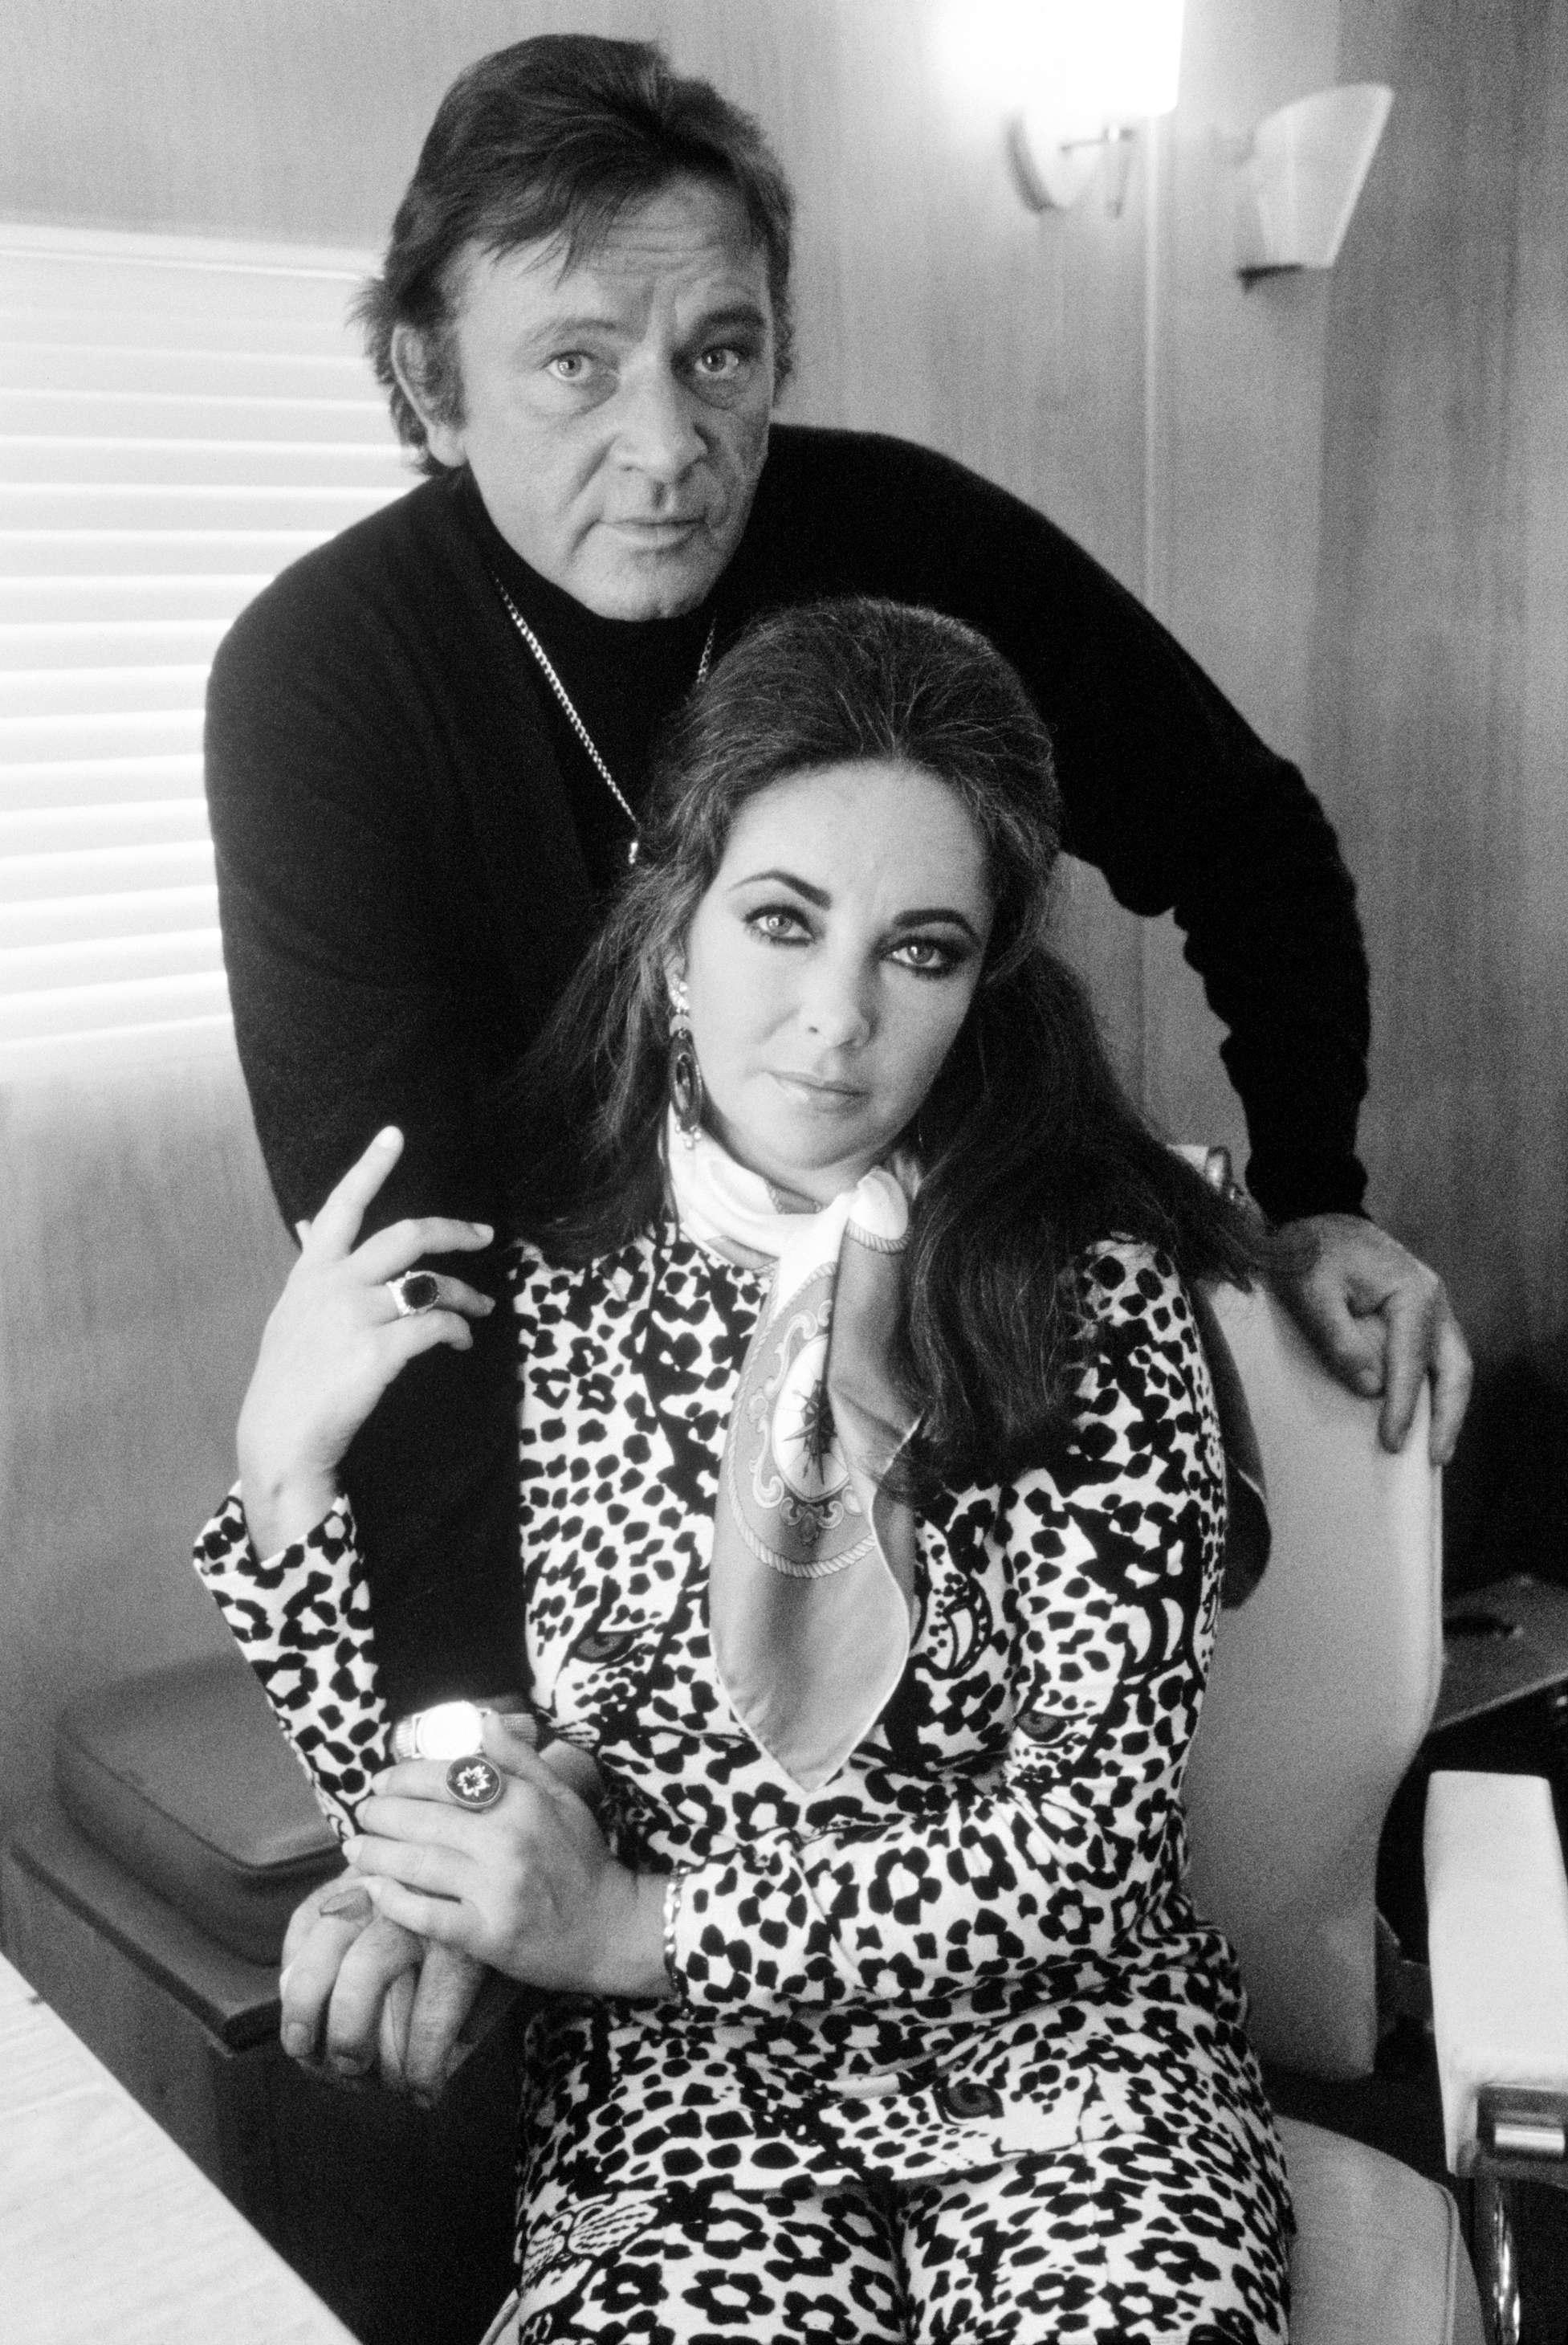 Richard Burton & Liz Taylor